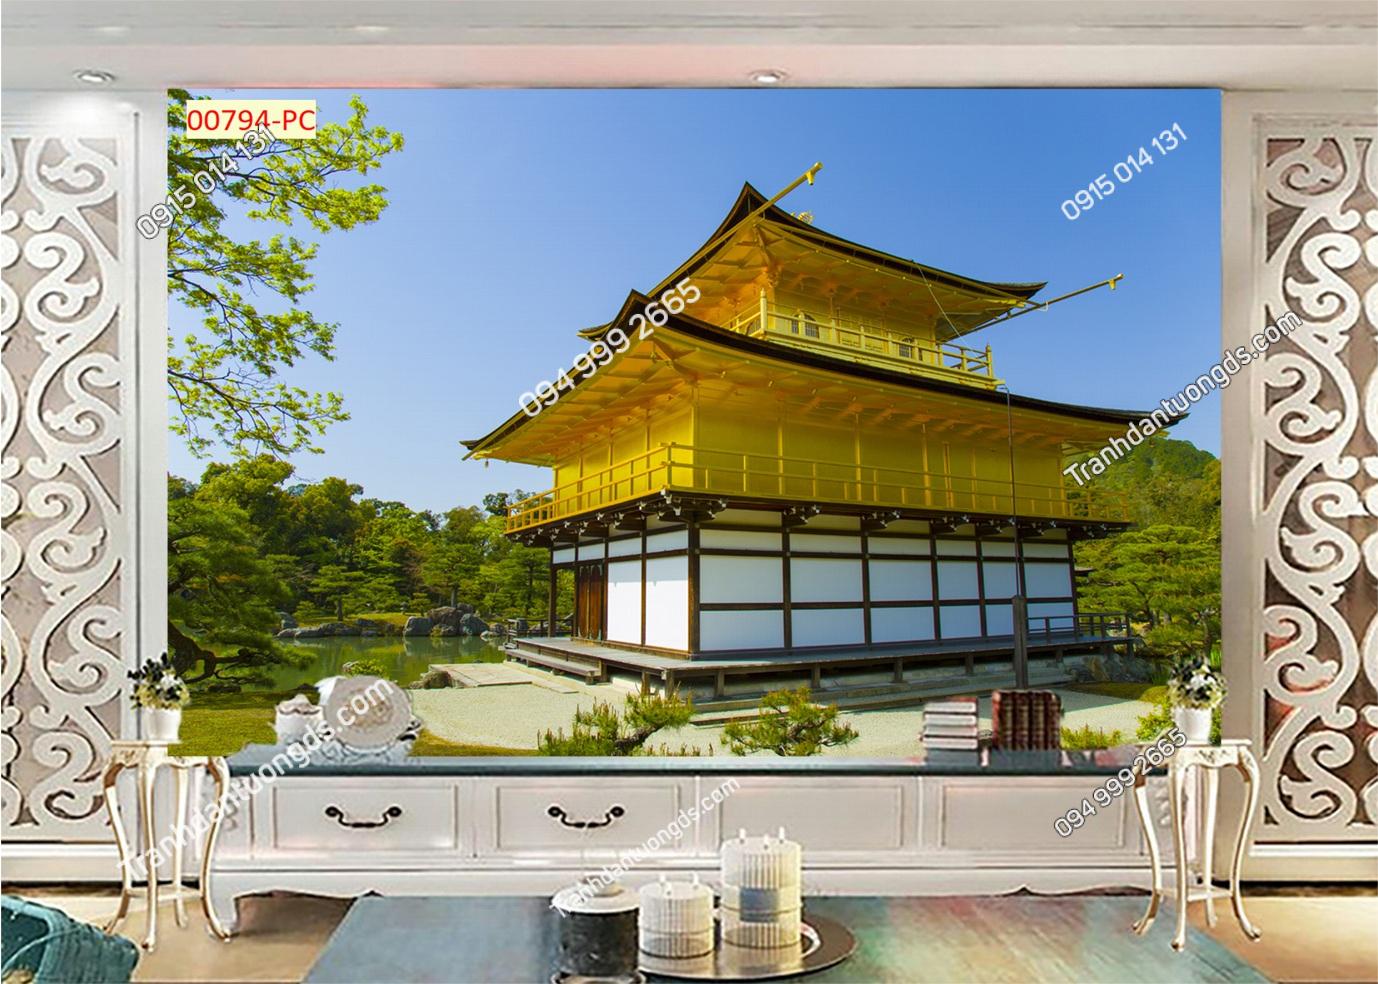 Tranh chùa Nhật bản 00794